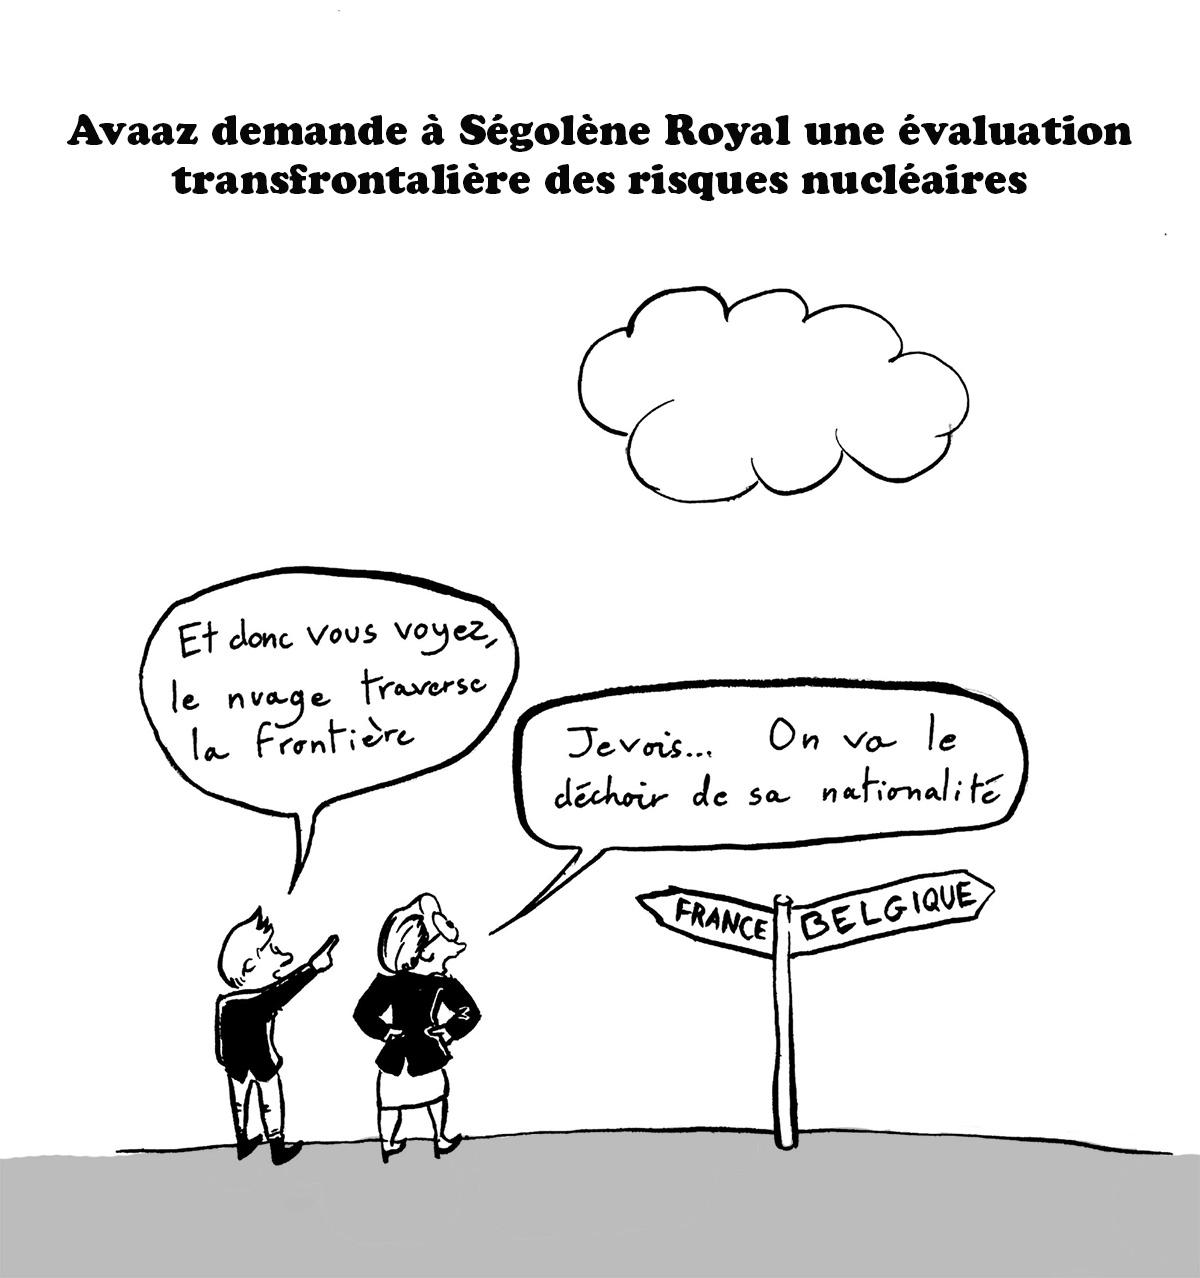 Avaaz Royal nucléaire